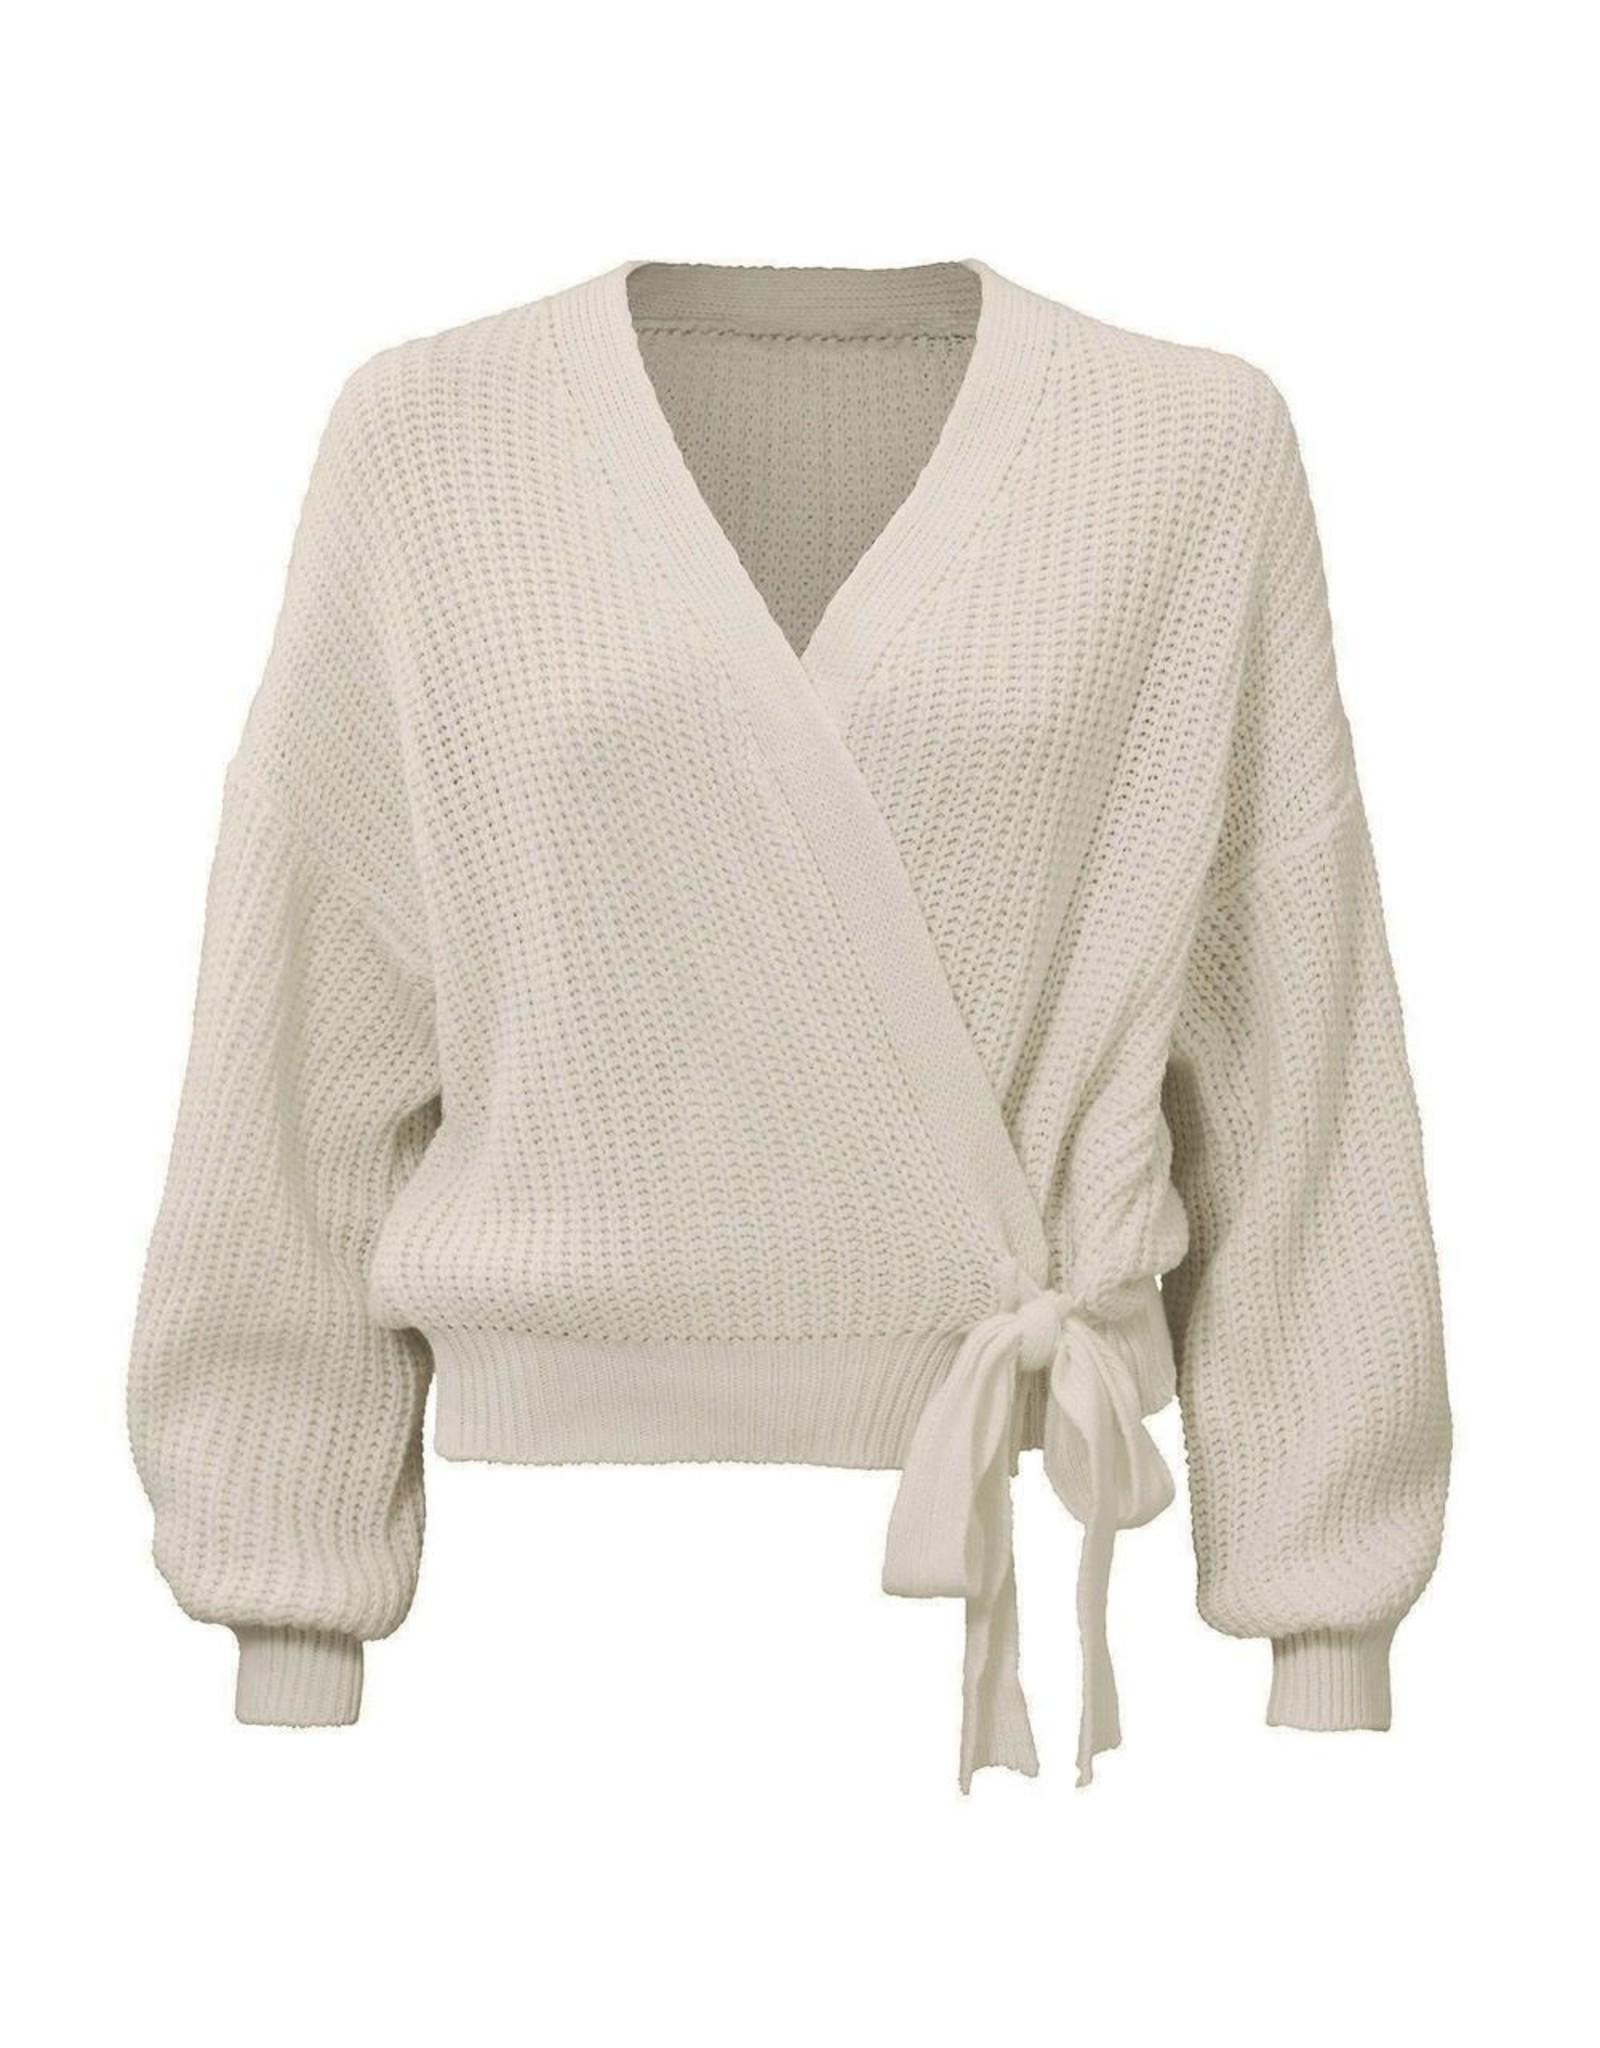 Ladybugs mcy02199 Wrap knit BEIGE